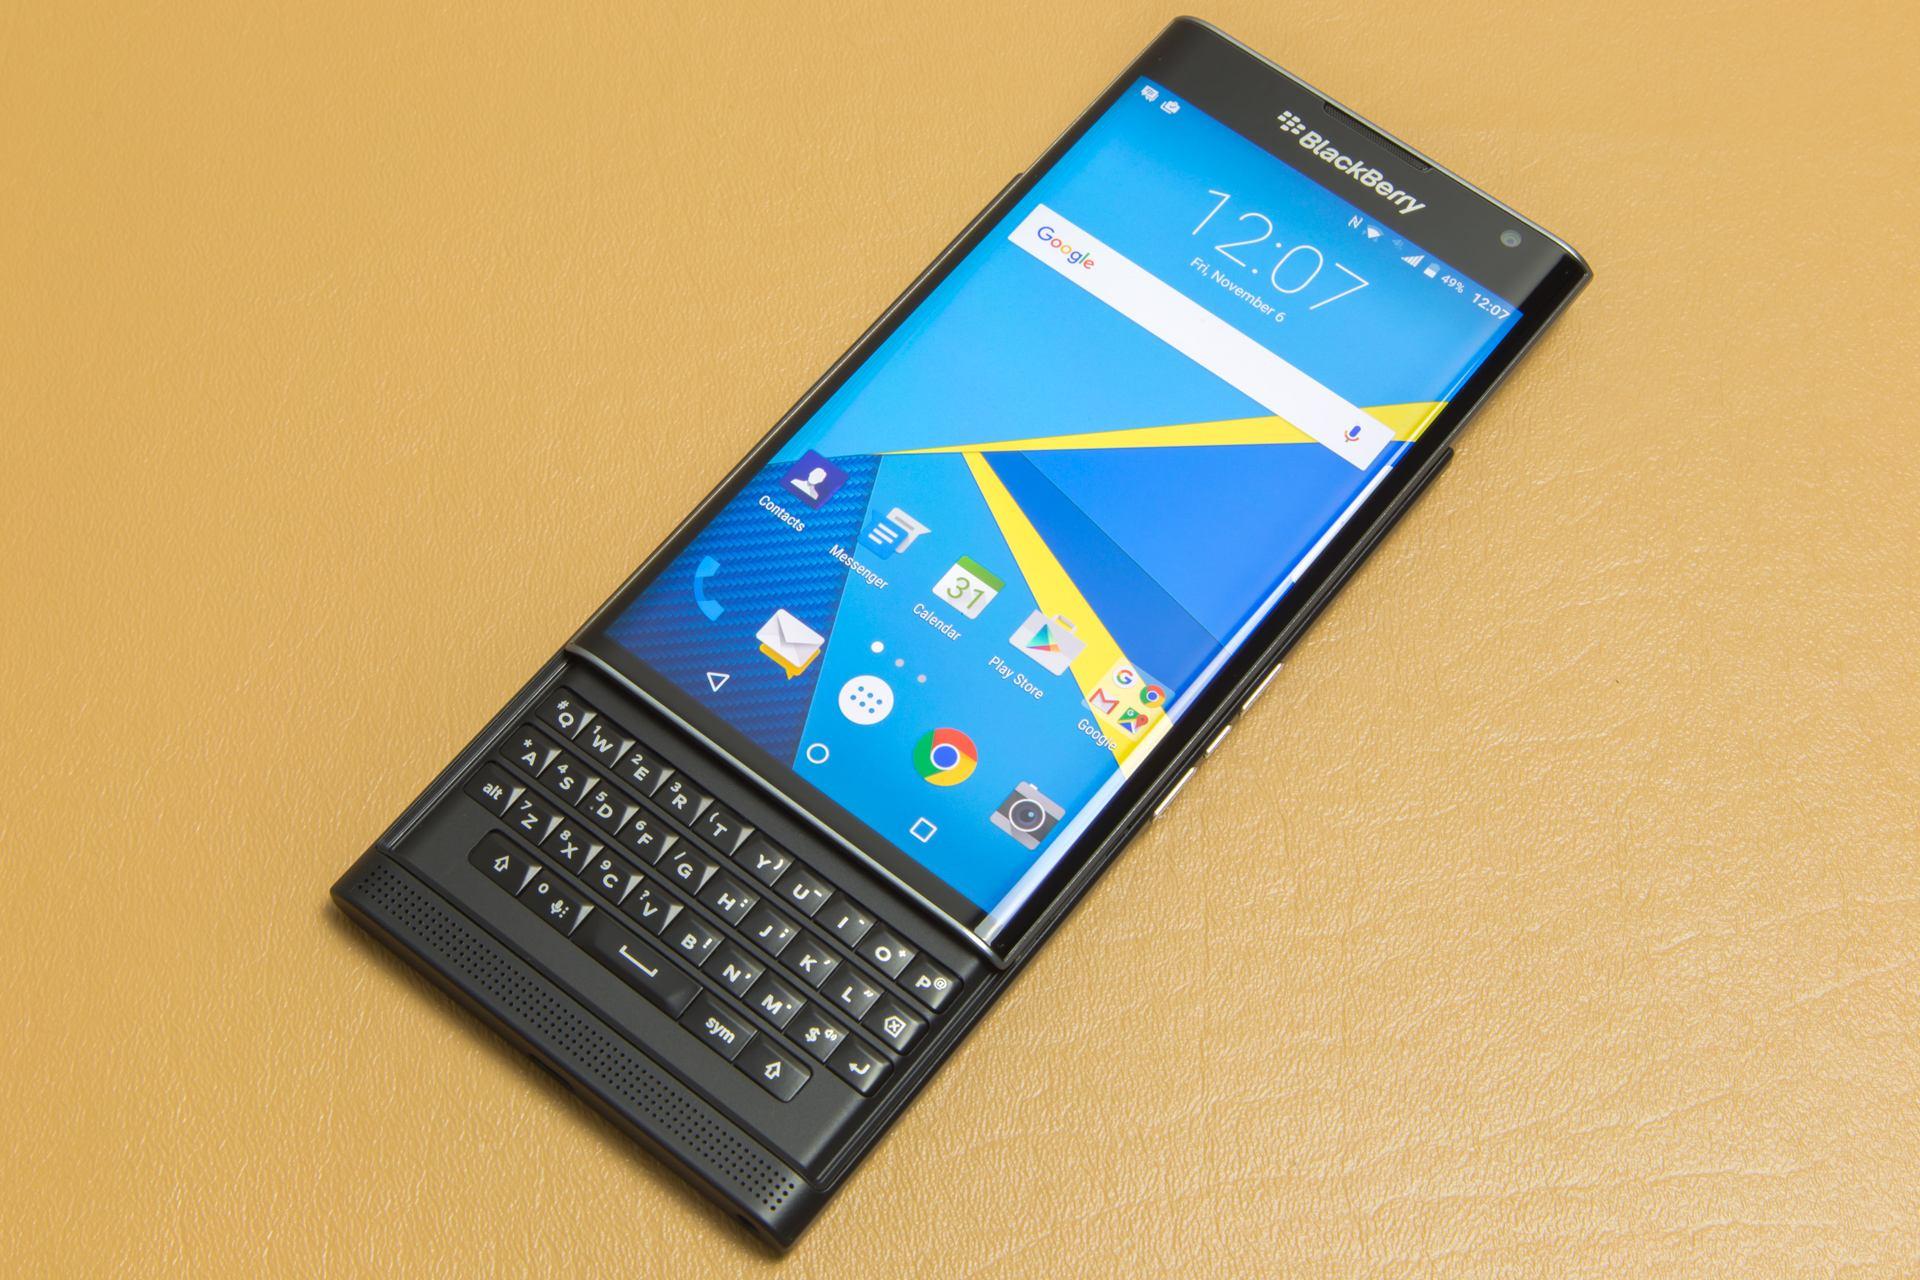 彻底放弃自家系统!黑莓竟要强攻高端手机市场